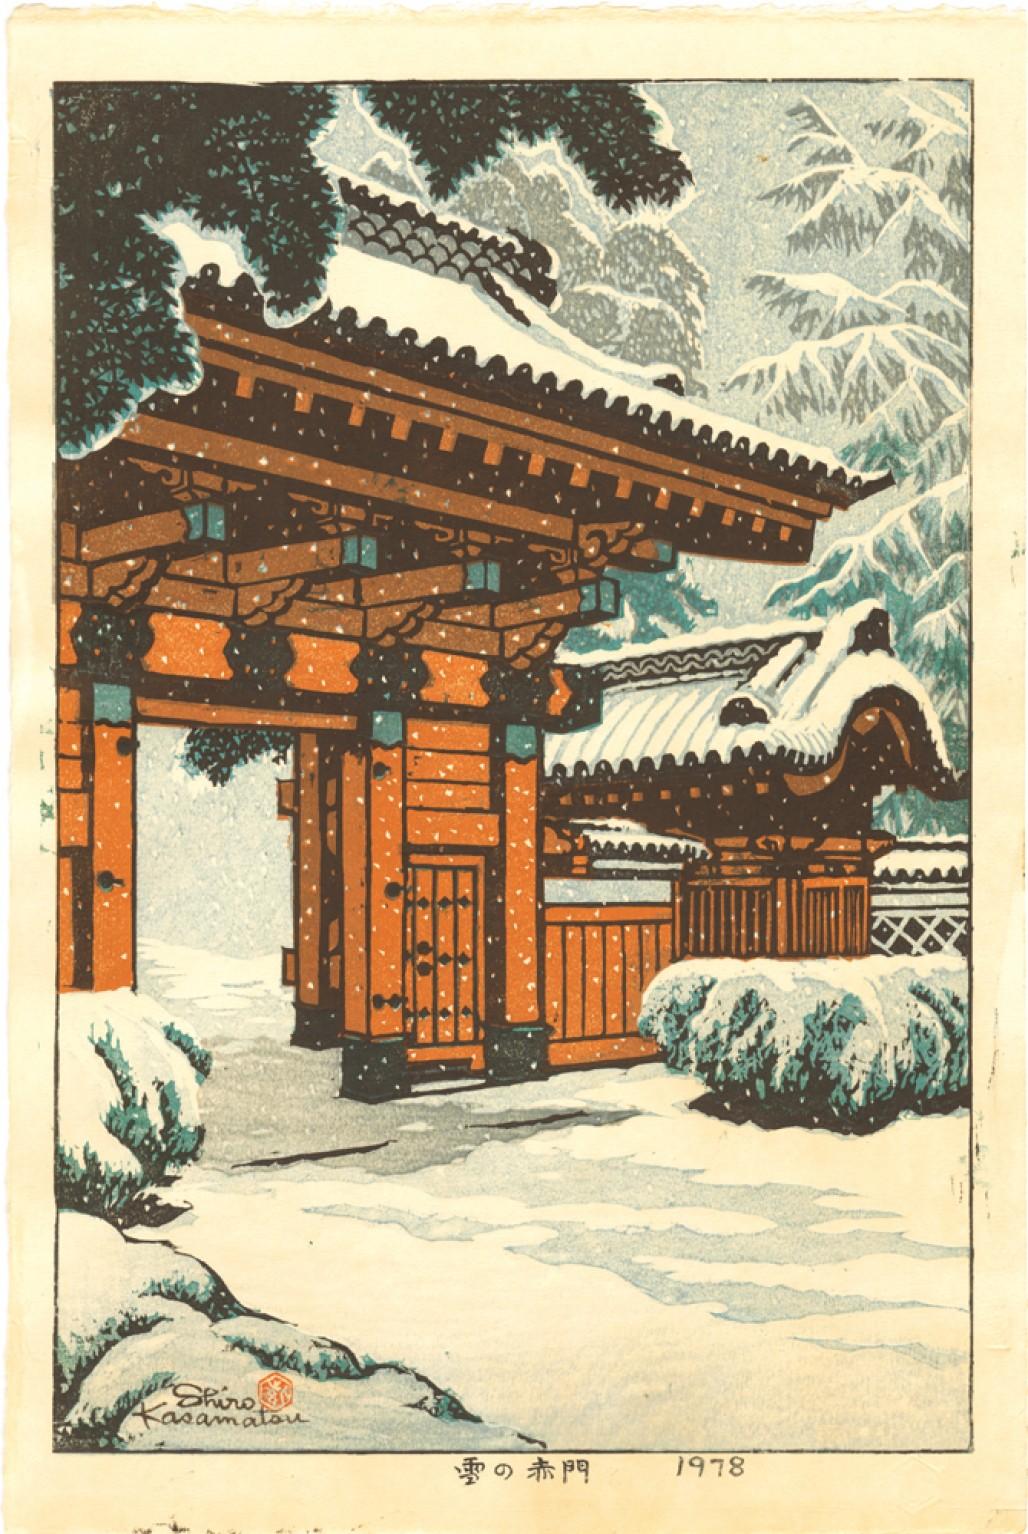 笠松 紫浪 / 雪の赤門   神保町   Gallery Soumei-do   そうめい堂